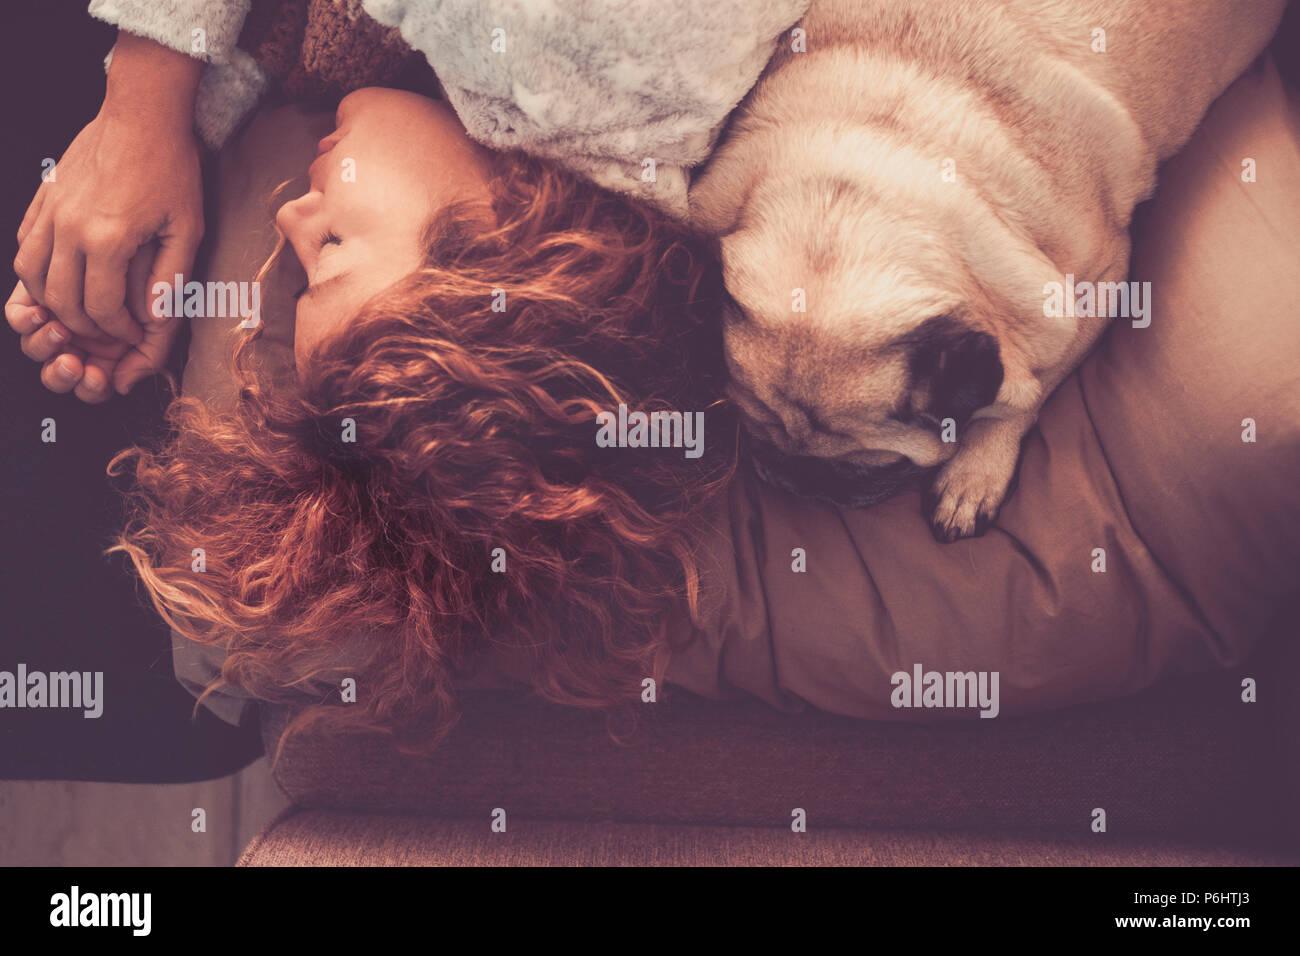 L'amitié et de relation avec les jeunes concept femme belle et beau chien pug dormir ensemble sur le lit le matin. plus près avec amour et swee Photo Stock